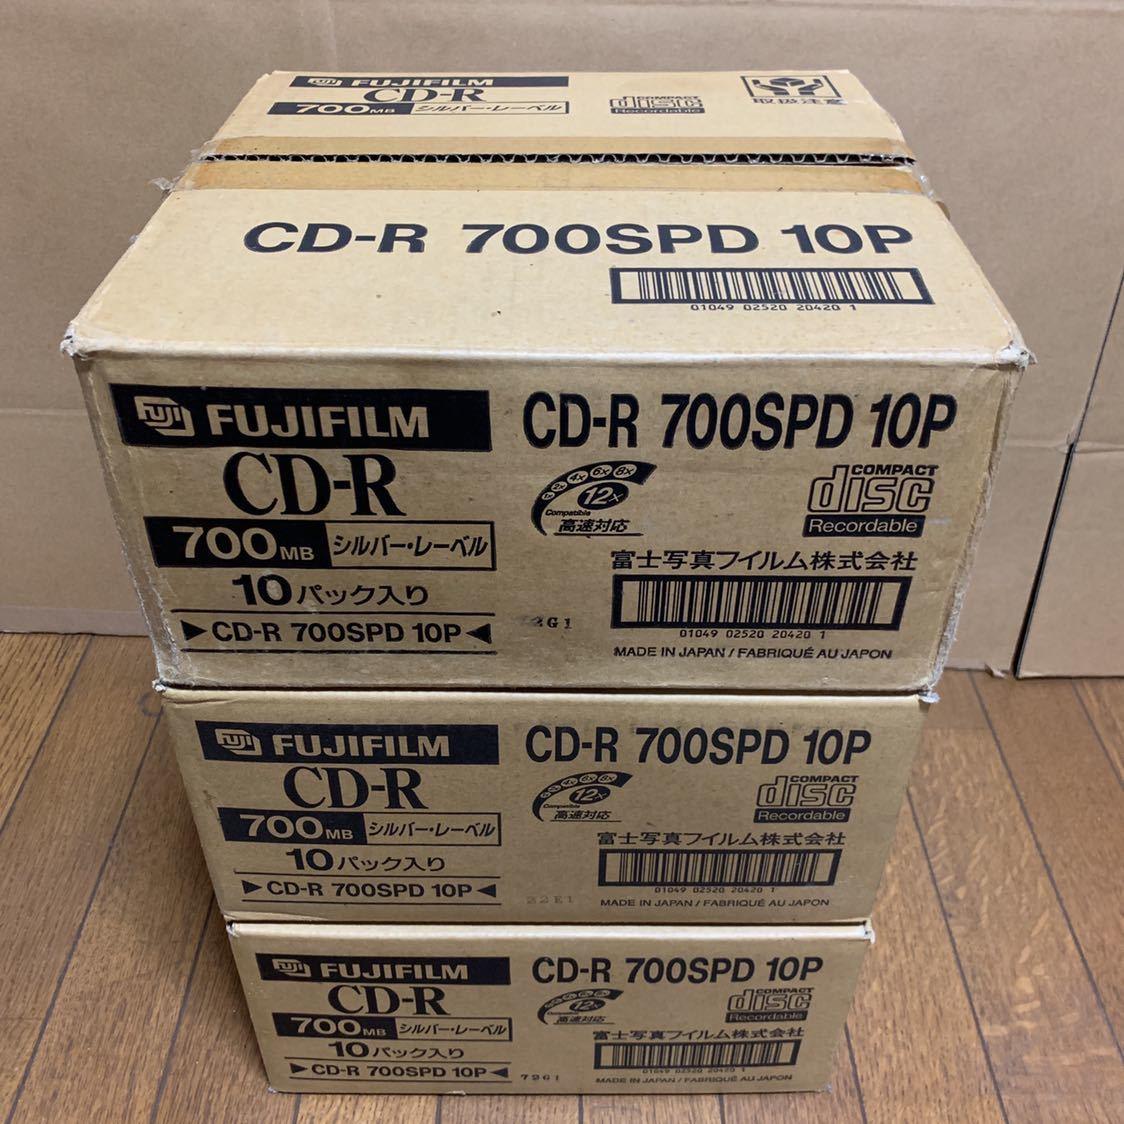 【未使用】FUJIFILM 富士フイルム CD-R 700SPD 10P 700MB シルバーレーベル 10パック入り×2箱 9パック入り×1箱 全29パックセット_画像6